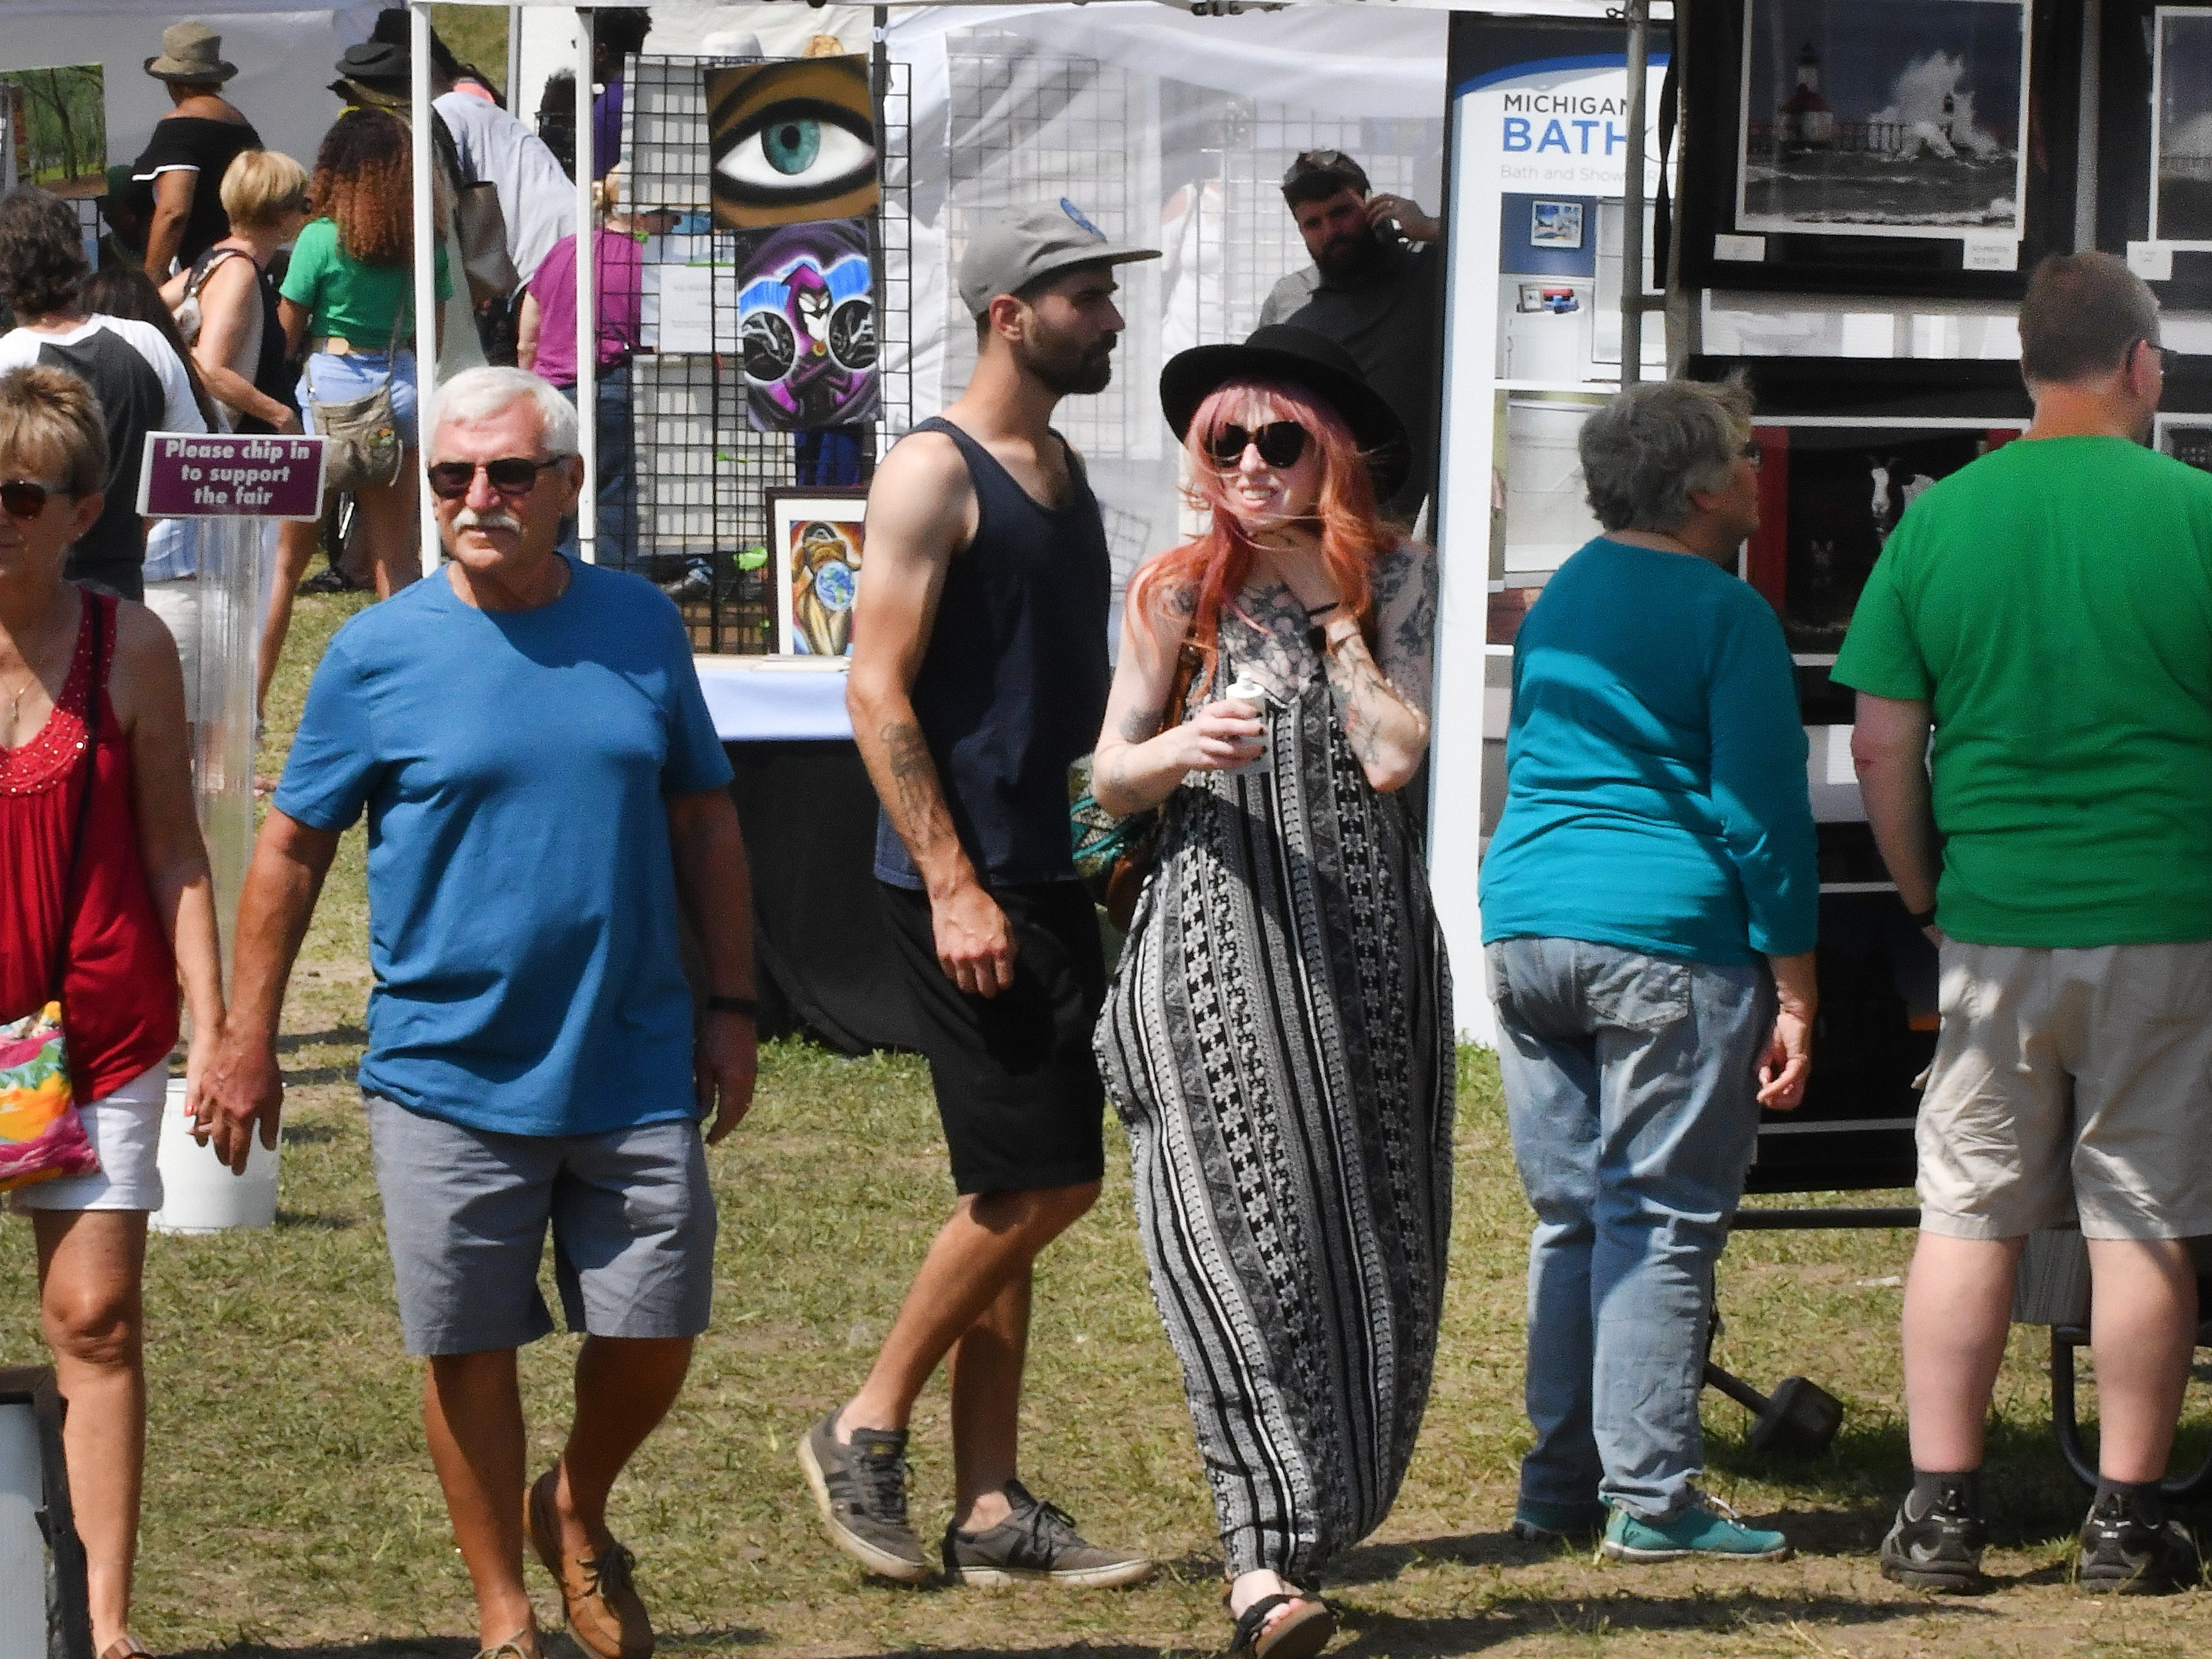 Fairgoers wander through the tents near the fountain at the third annual Belle Isle Art Fair.